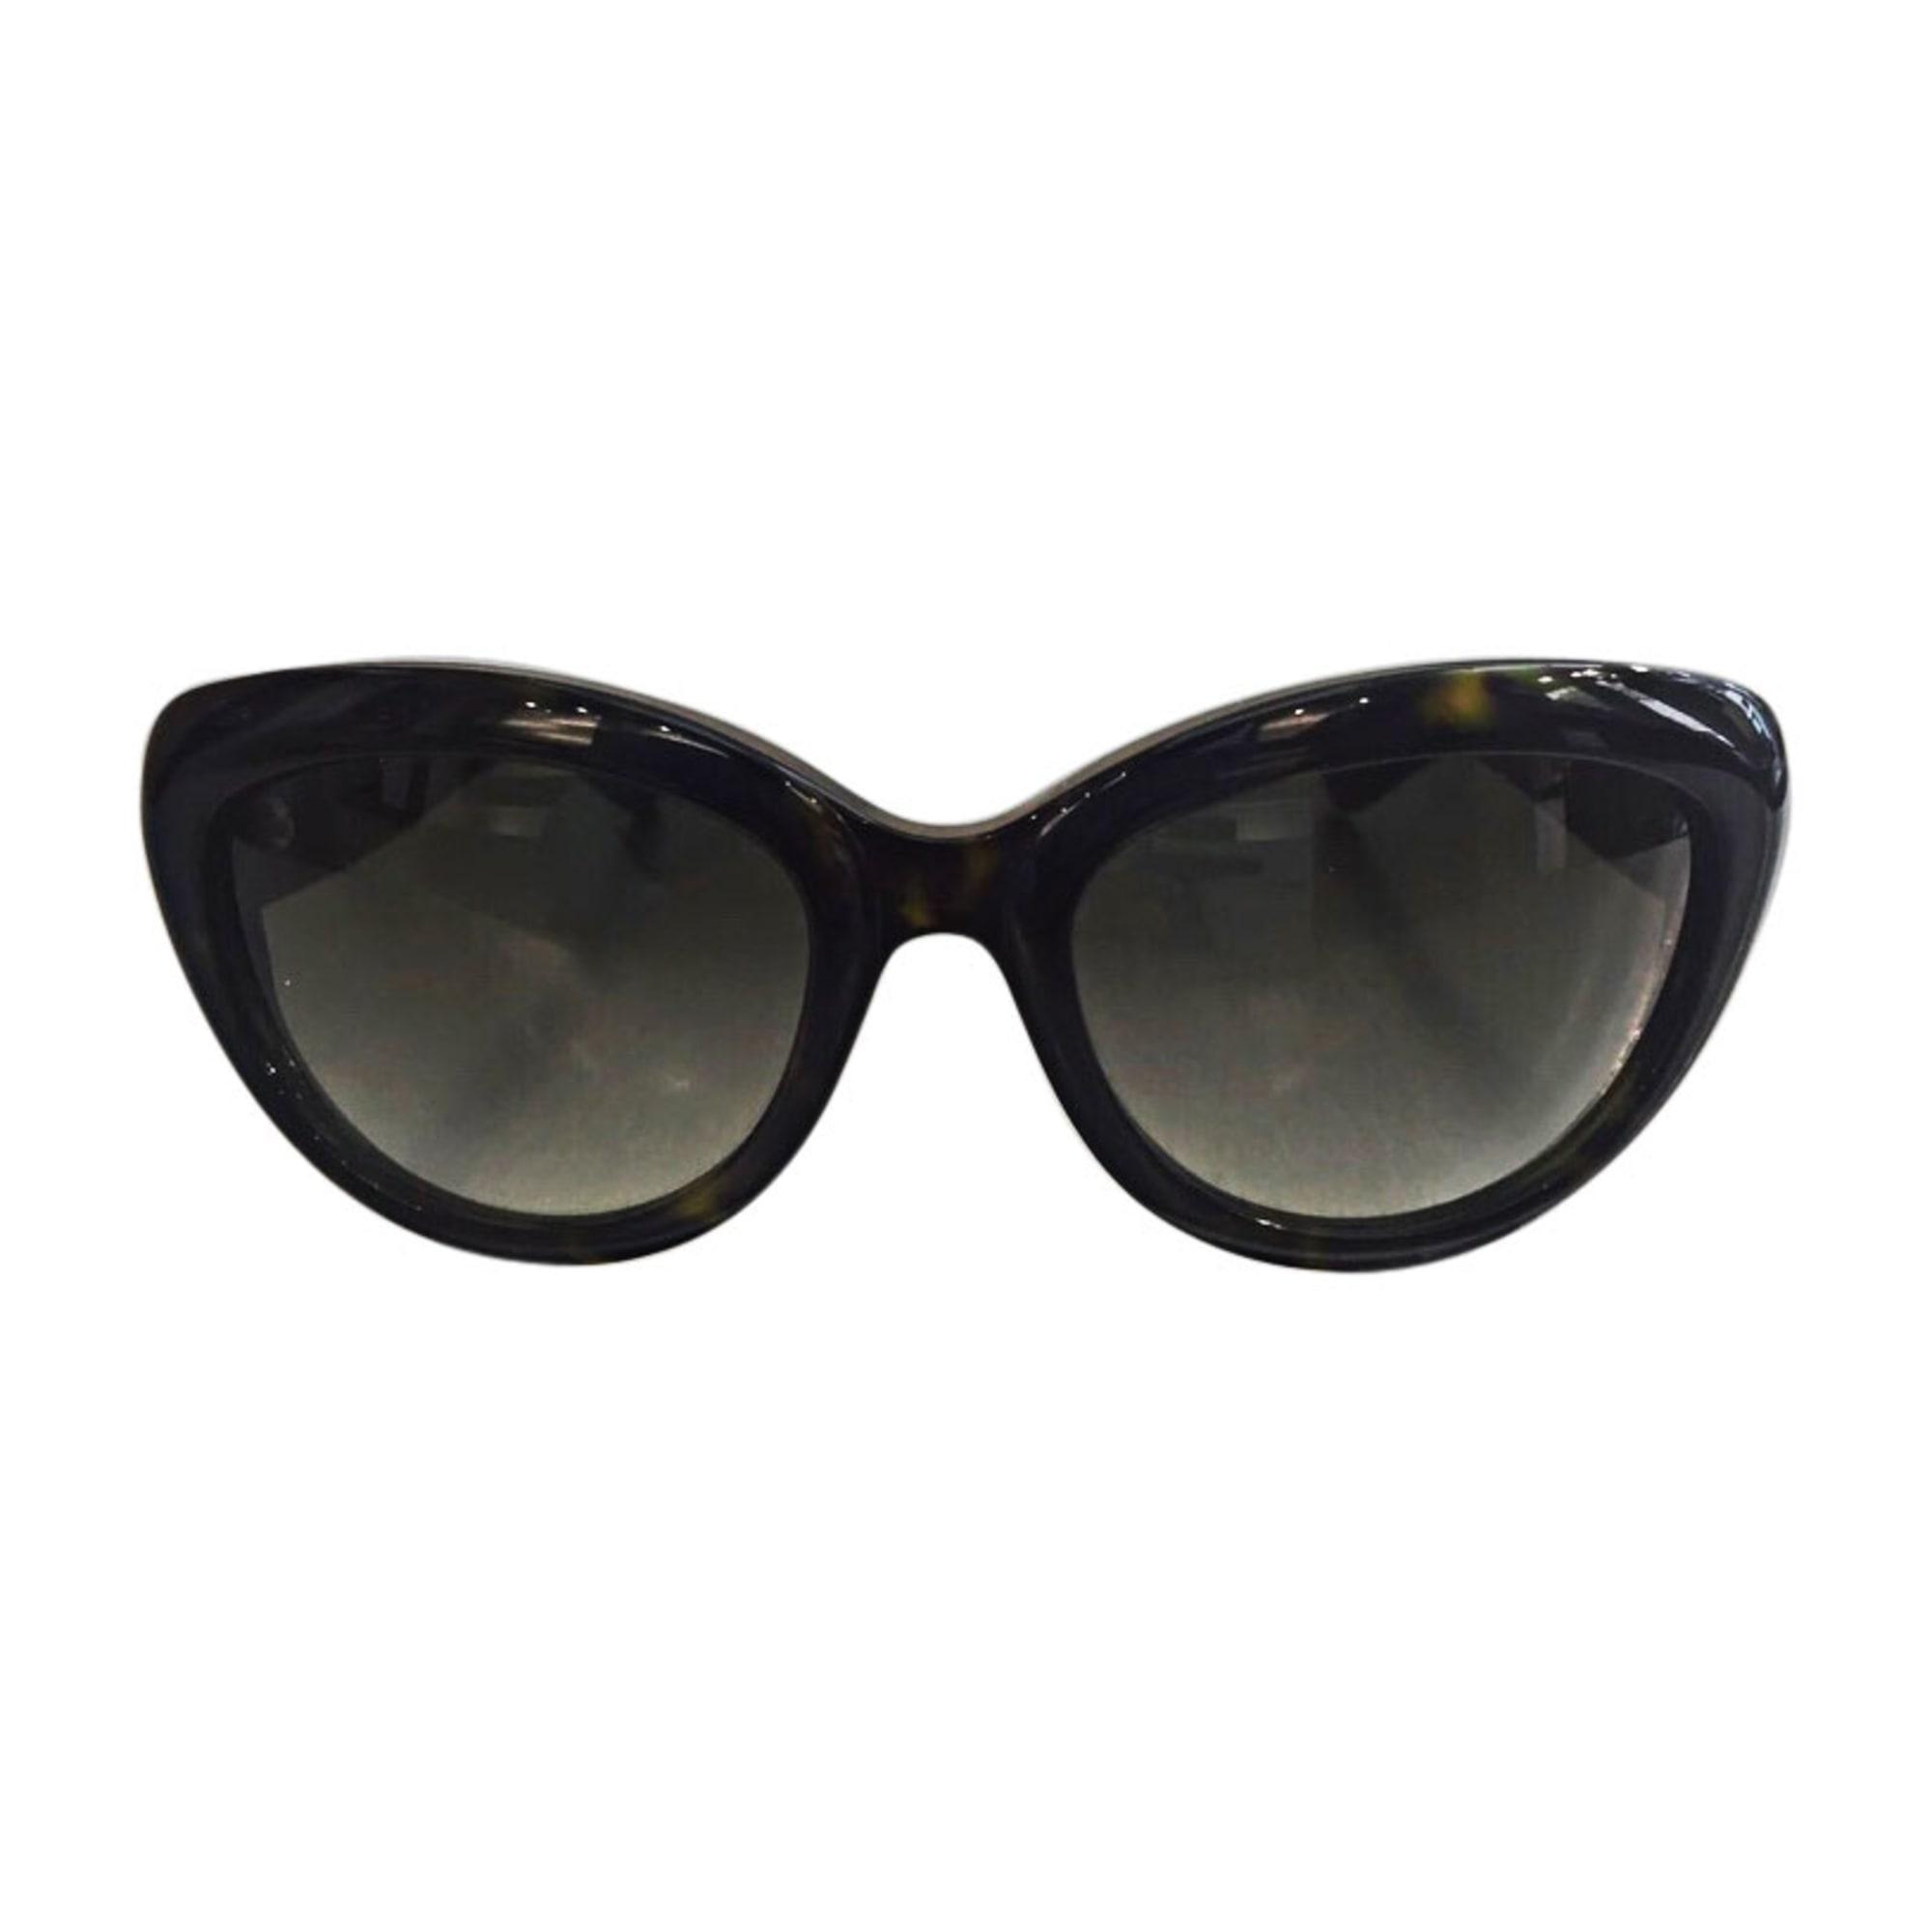 lunettes de soleil yves saint laurent noir vendu par aurelev 7759981. Black Bedroom Furniture Sets. Home Design Ideas